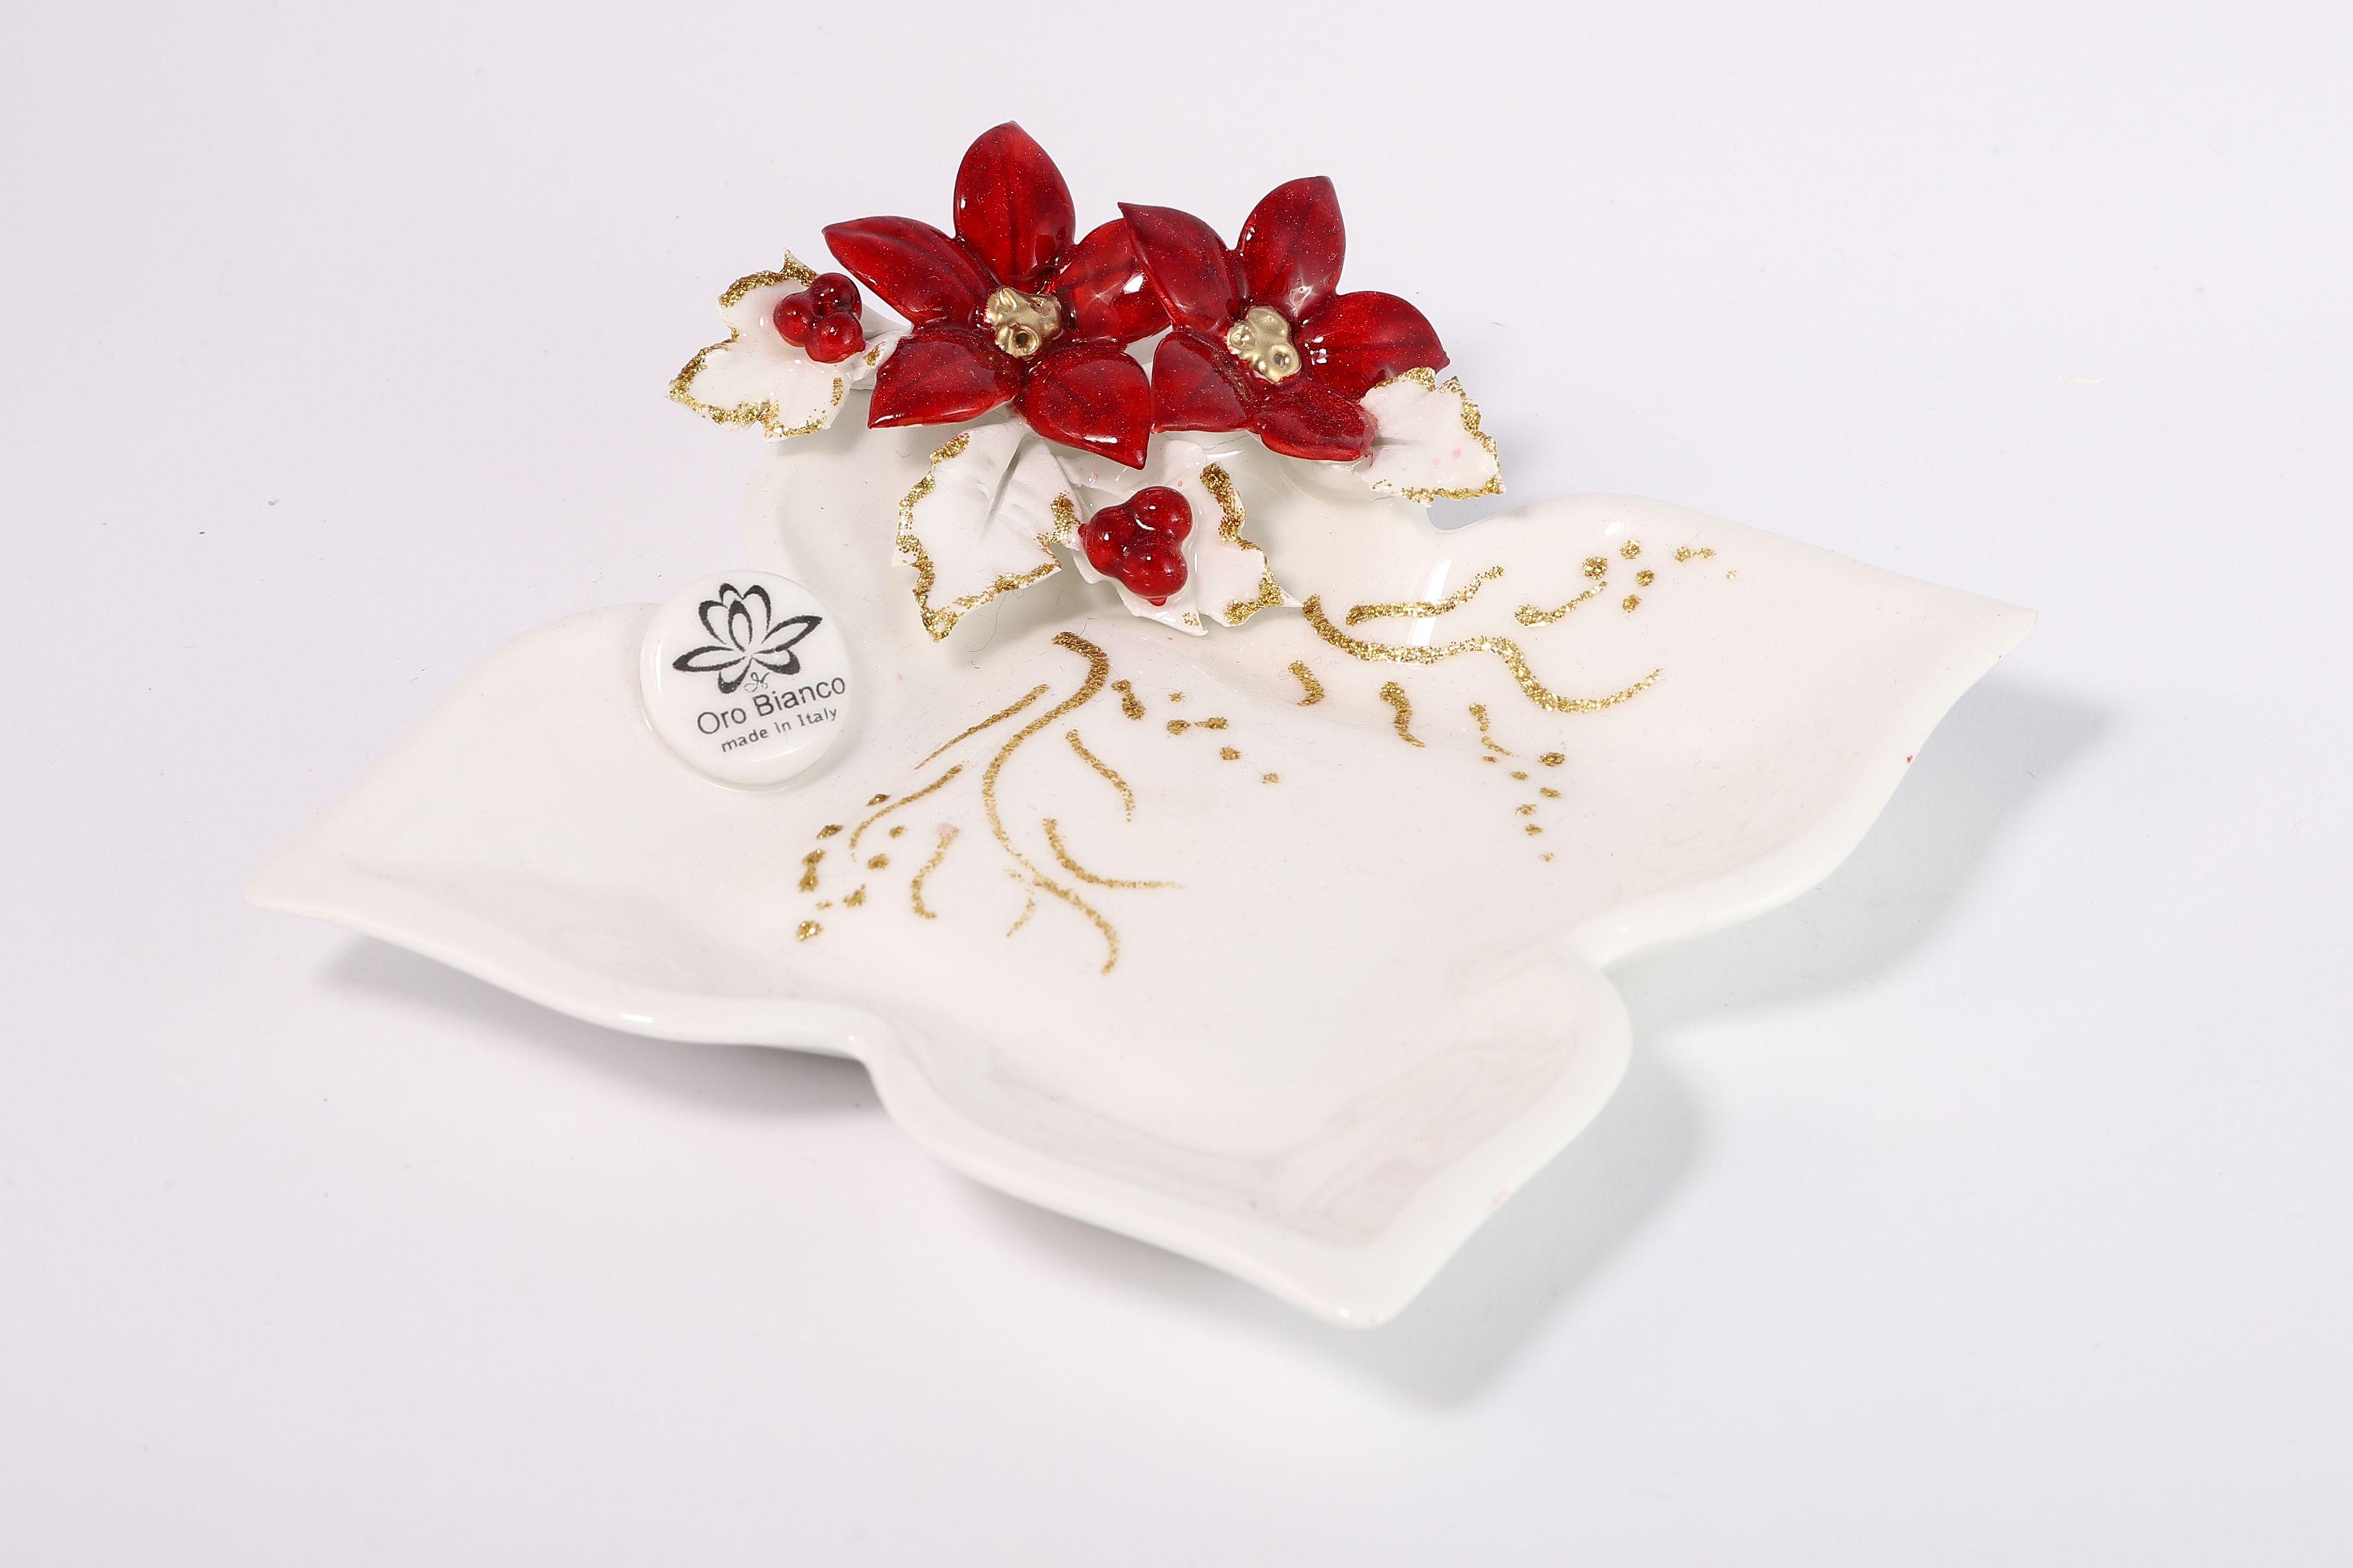 Bomboniere Matrimonio Dicembre.Idee Nozze D Inverno Bomboniere In Porcellana Di Capodimonte